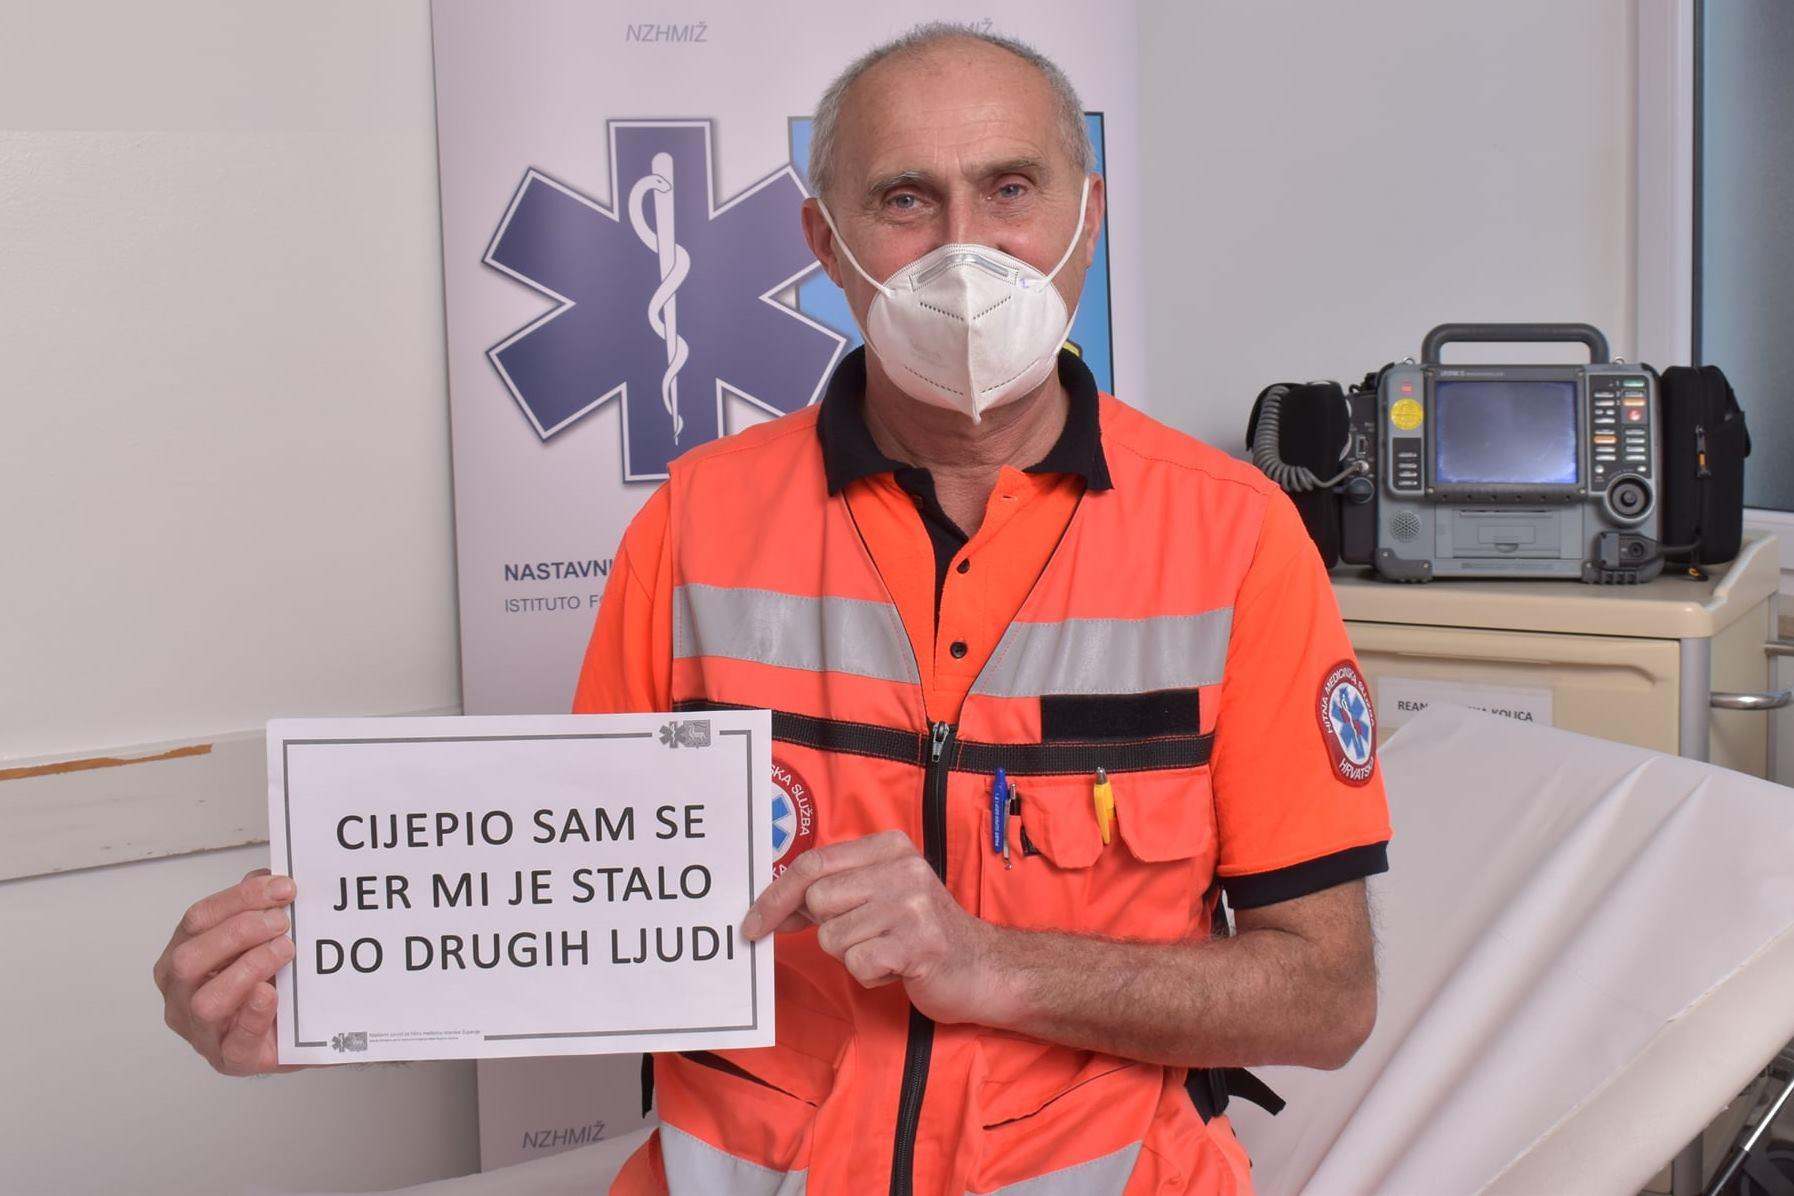 http://www.novigrad.hr/zoran_sari_di_cittanova_e_tra_i_primi_vaccinati_contro_il_covid